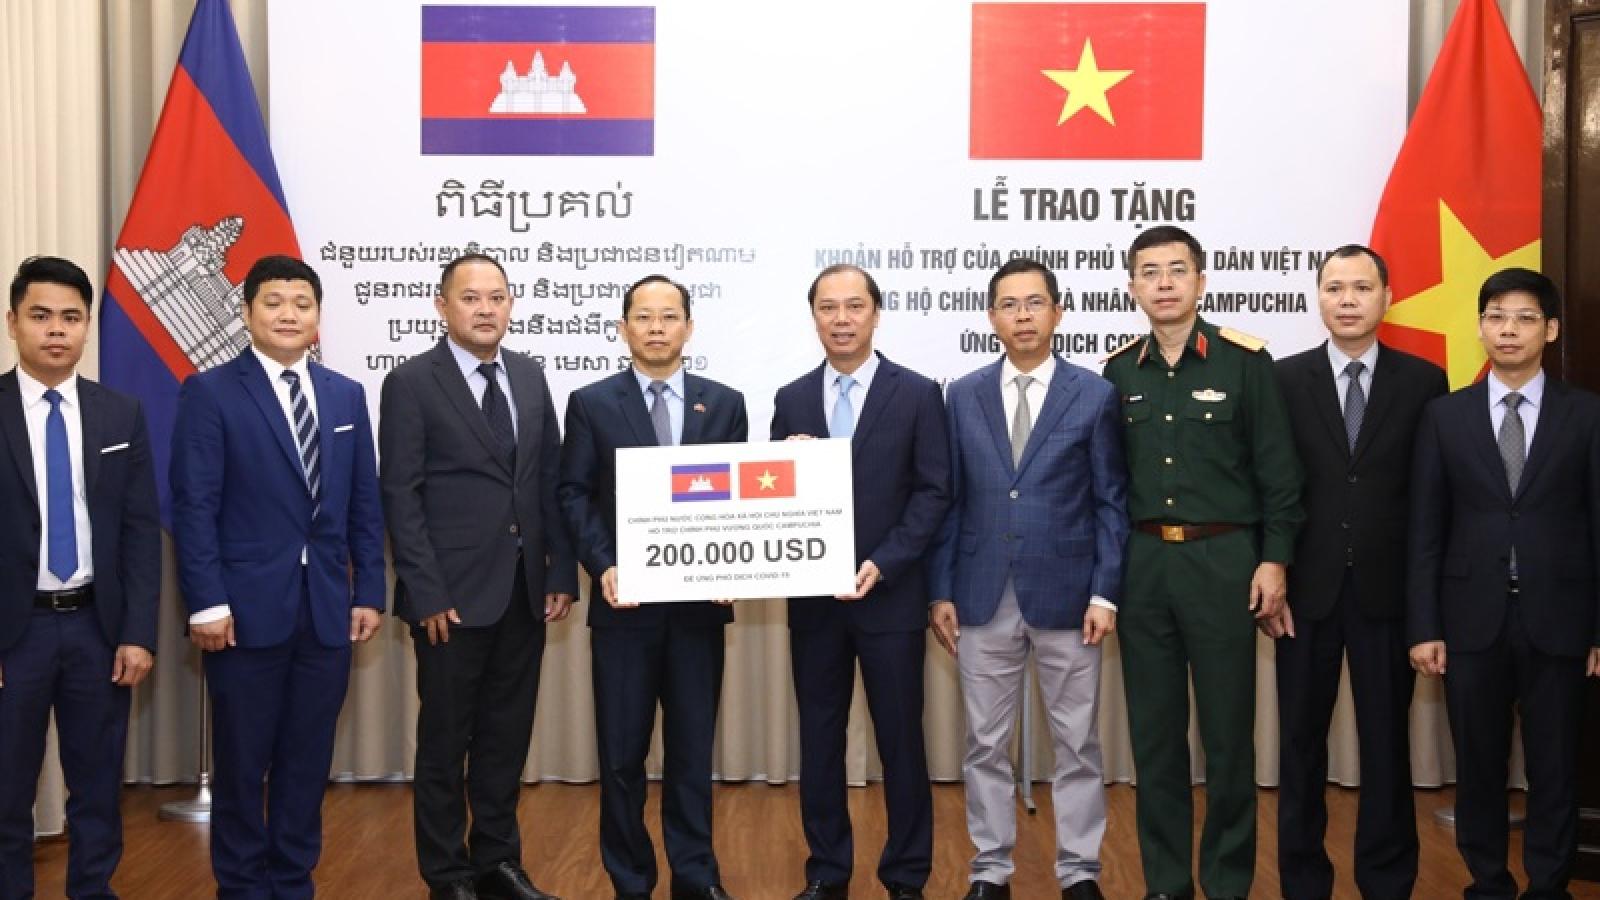 Việt Nam trao khoản hỗ trợ Campuchia ứng phó đại dịch Covid-19